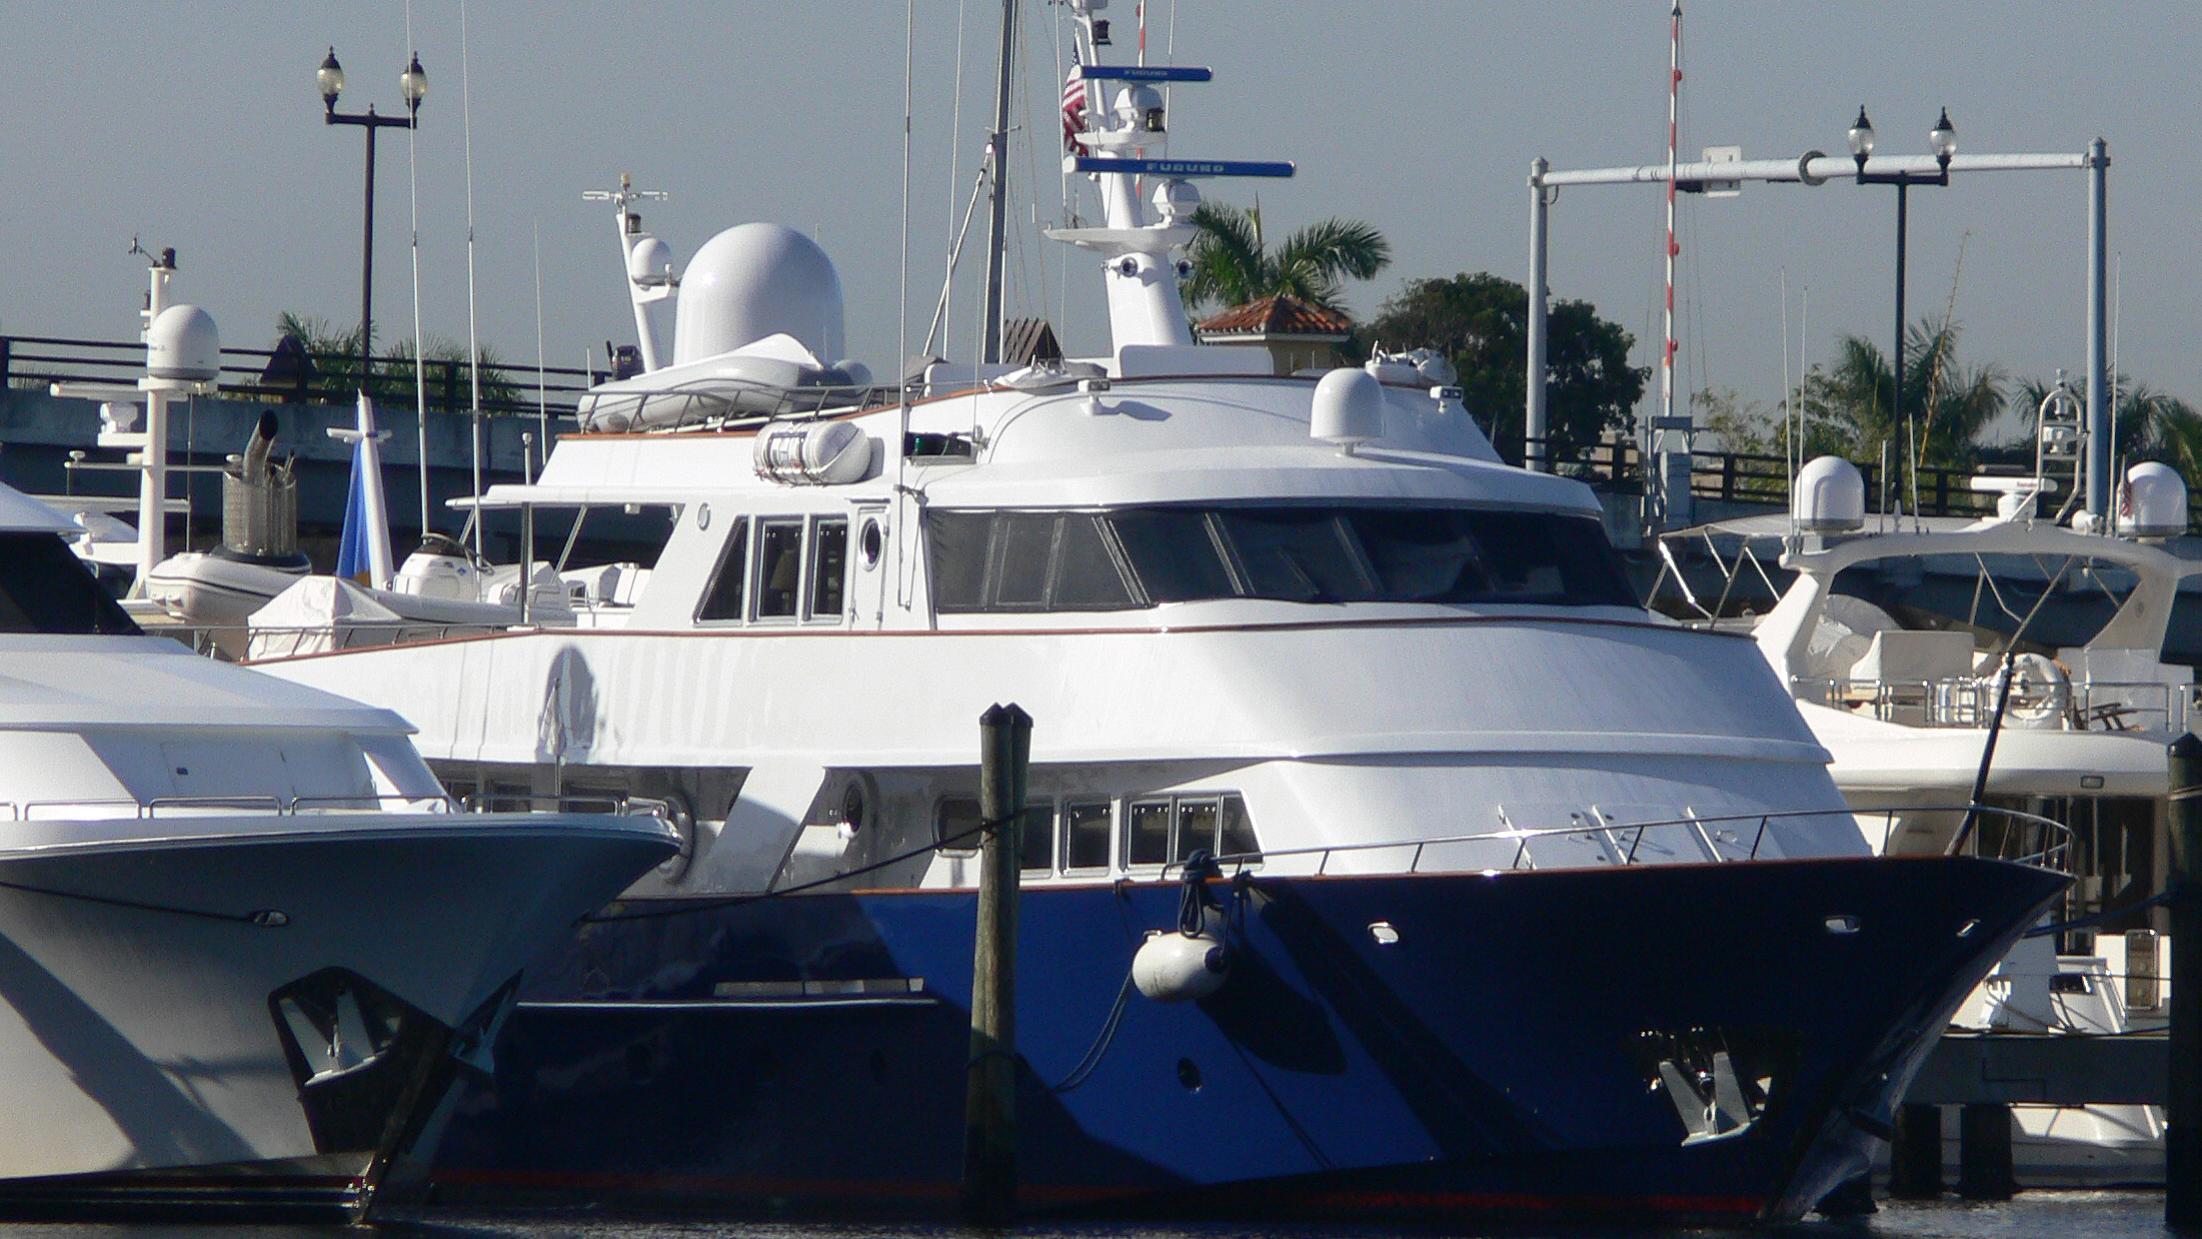 quivira-motor-yacht-benetti-1979-34m-bow-moored